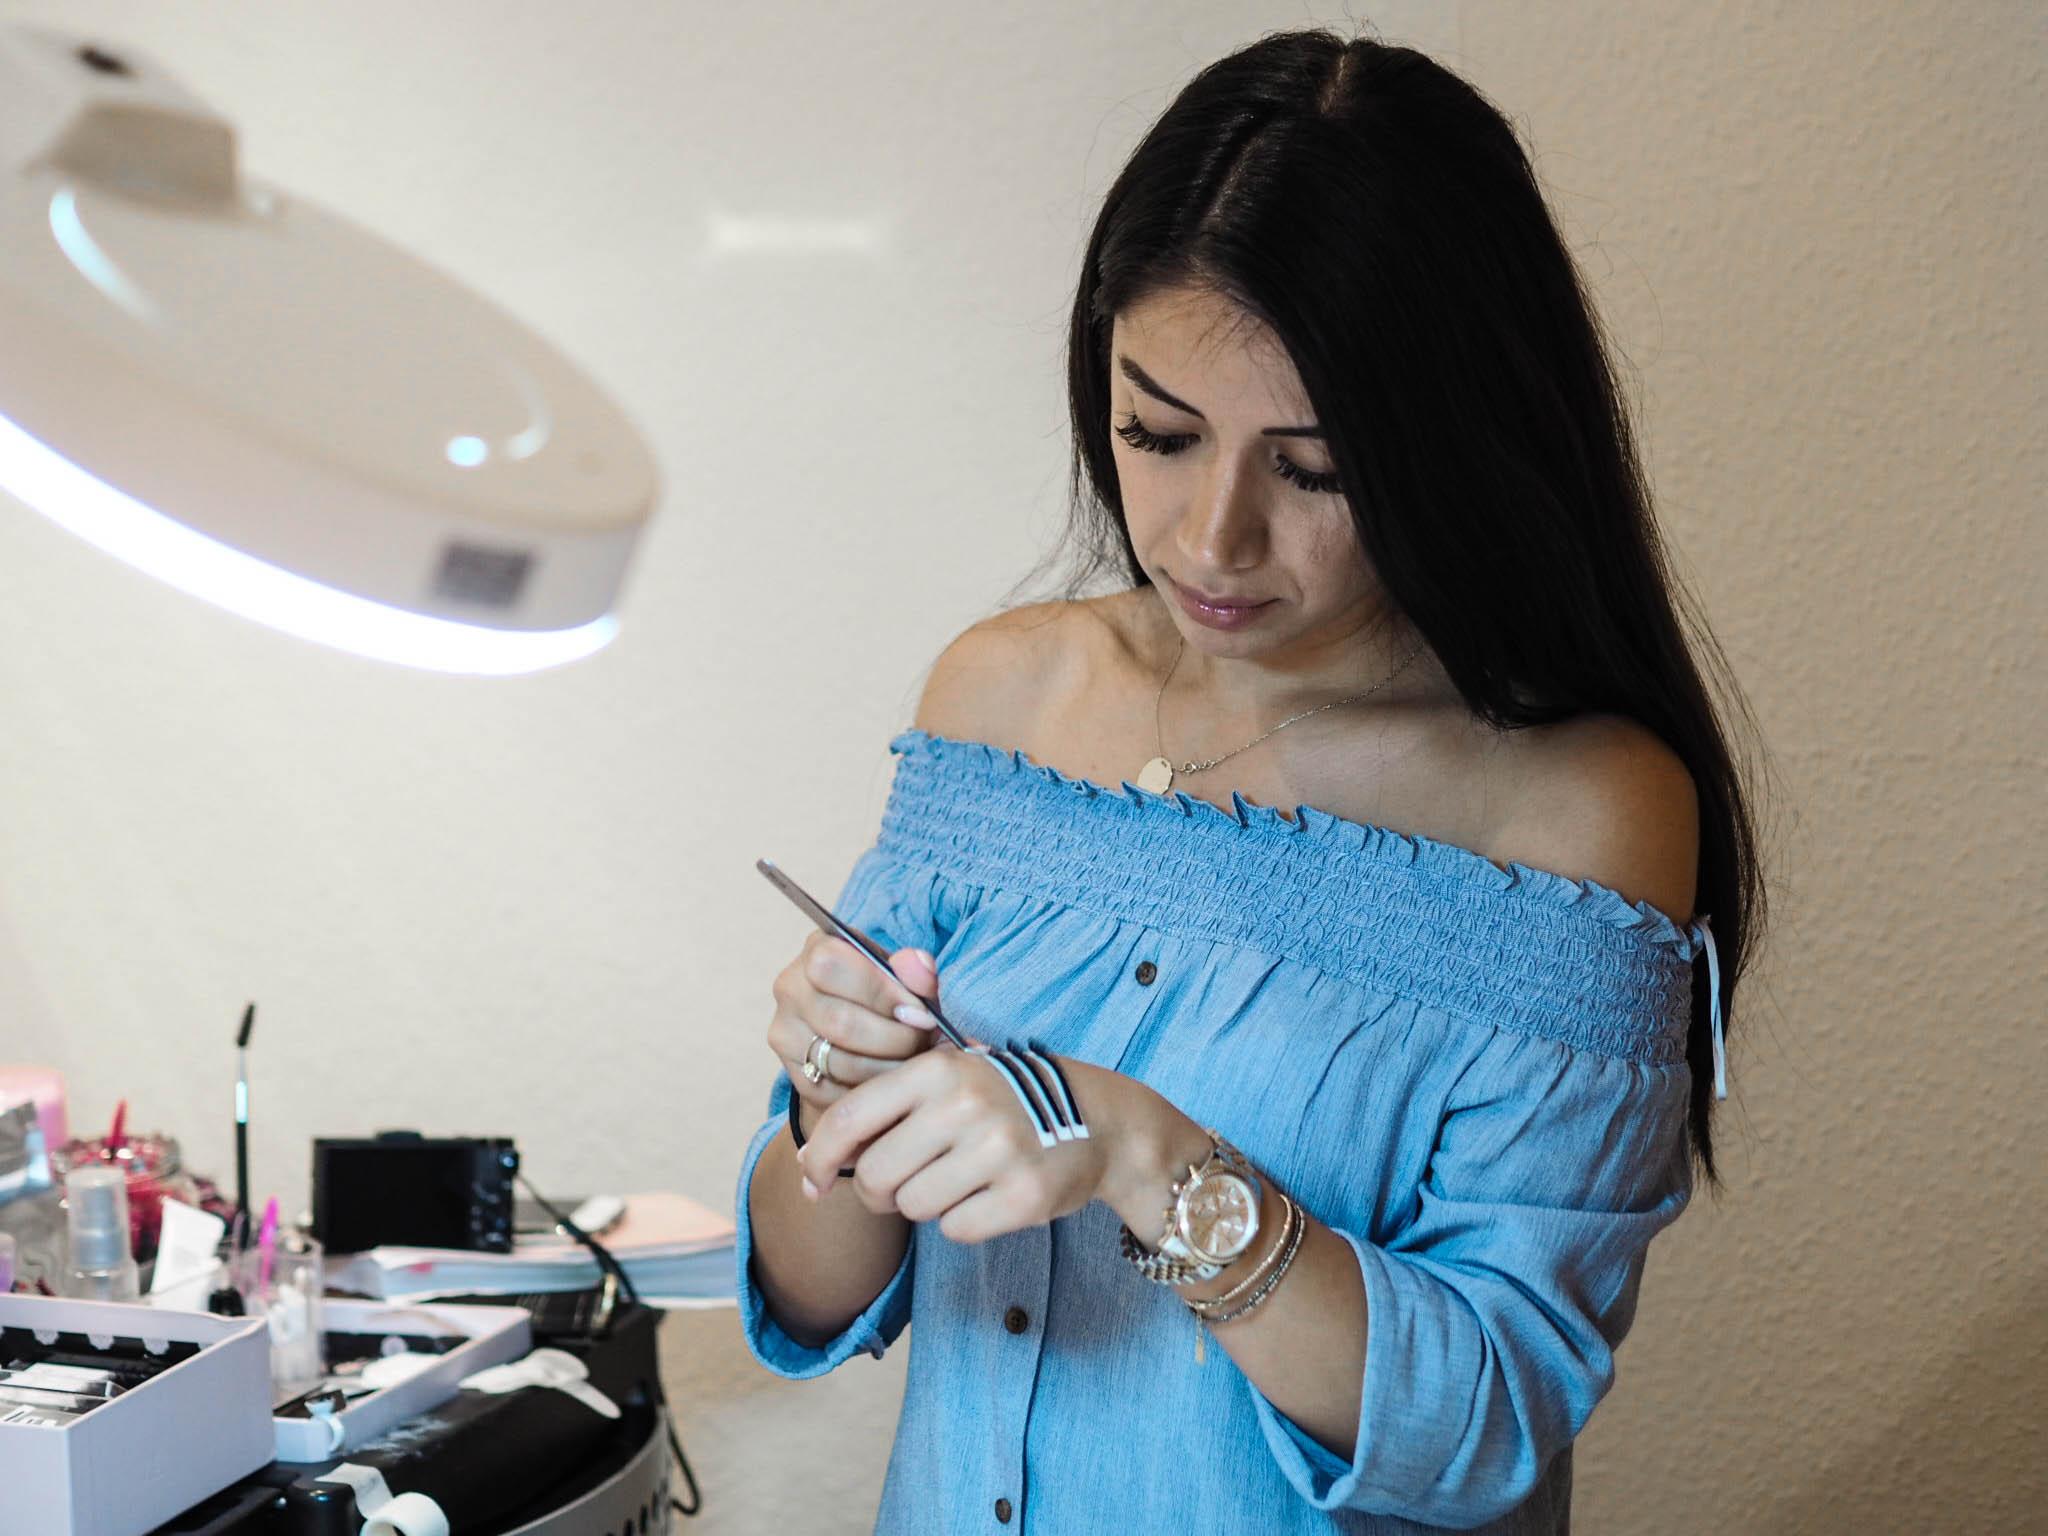 Maison Pazi Wimpernverlängerung bei Si Belle Make up und Lashes in Schwabach